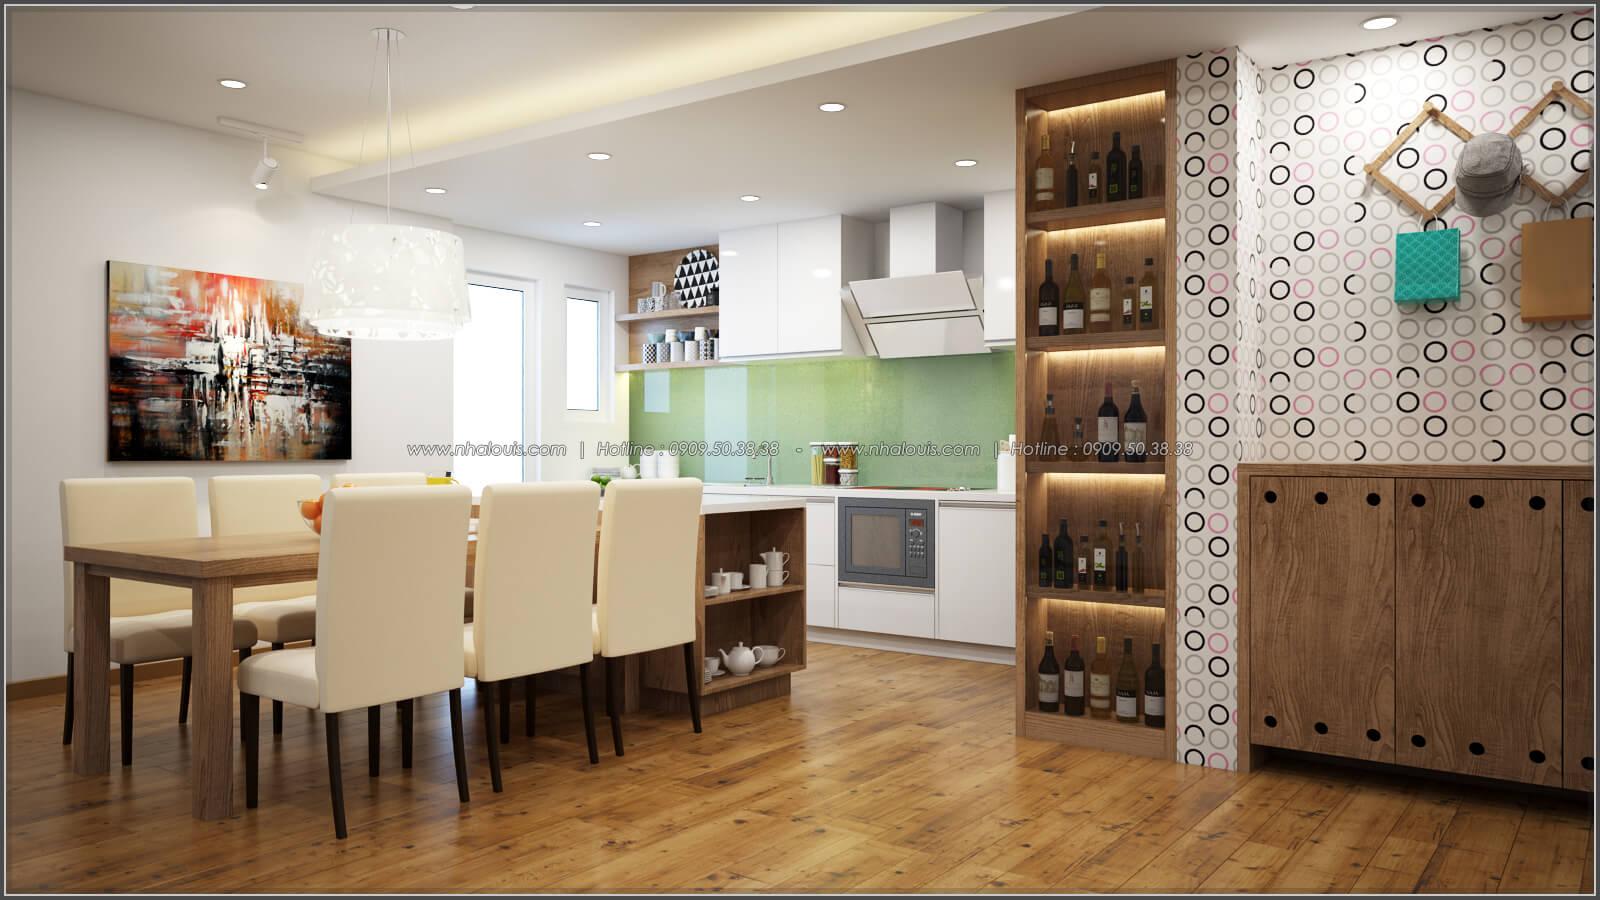 Phòng bếp và phòng ăn Thiết kế căn hộ chung cư 3 phòng ngủ Happy Valley quận 7 - 7